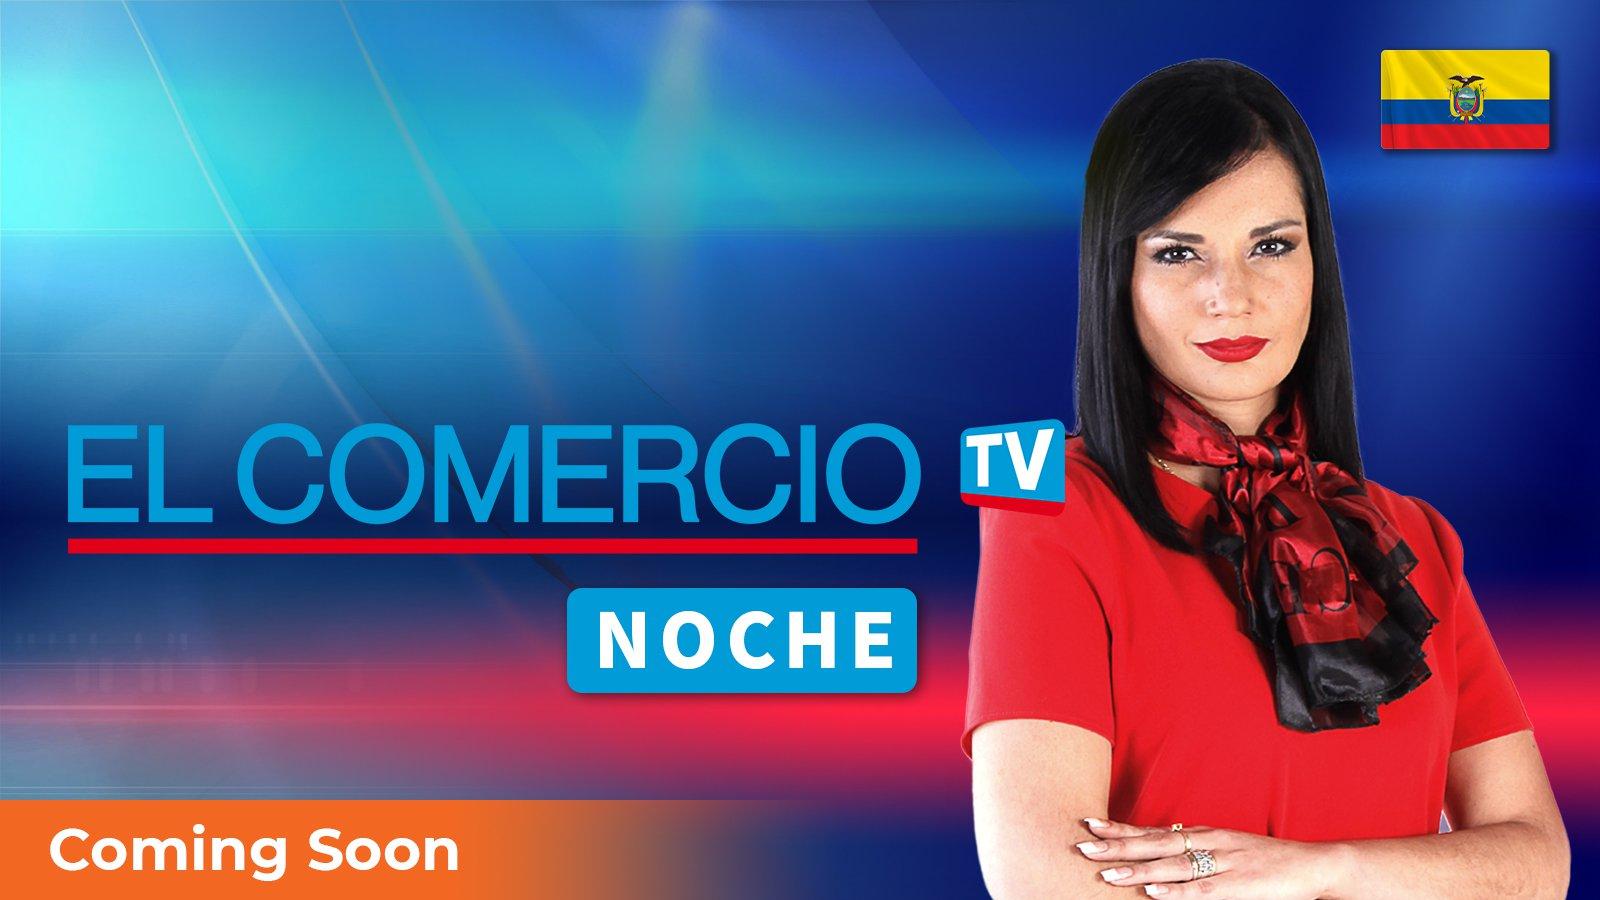 El Comercio TV Noche poster